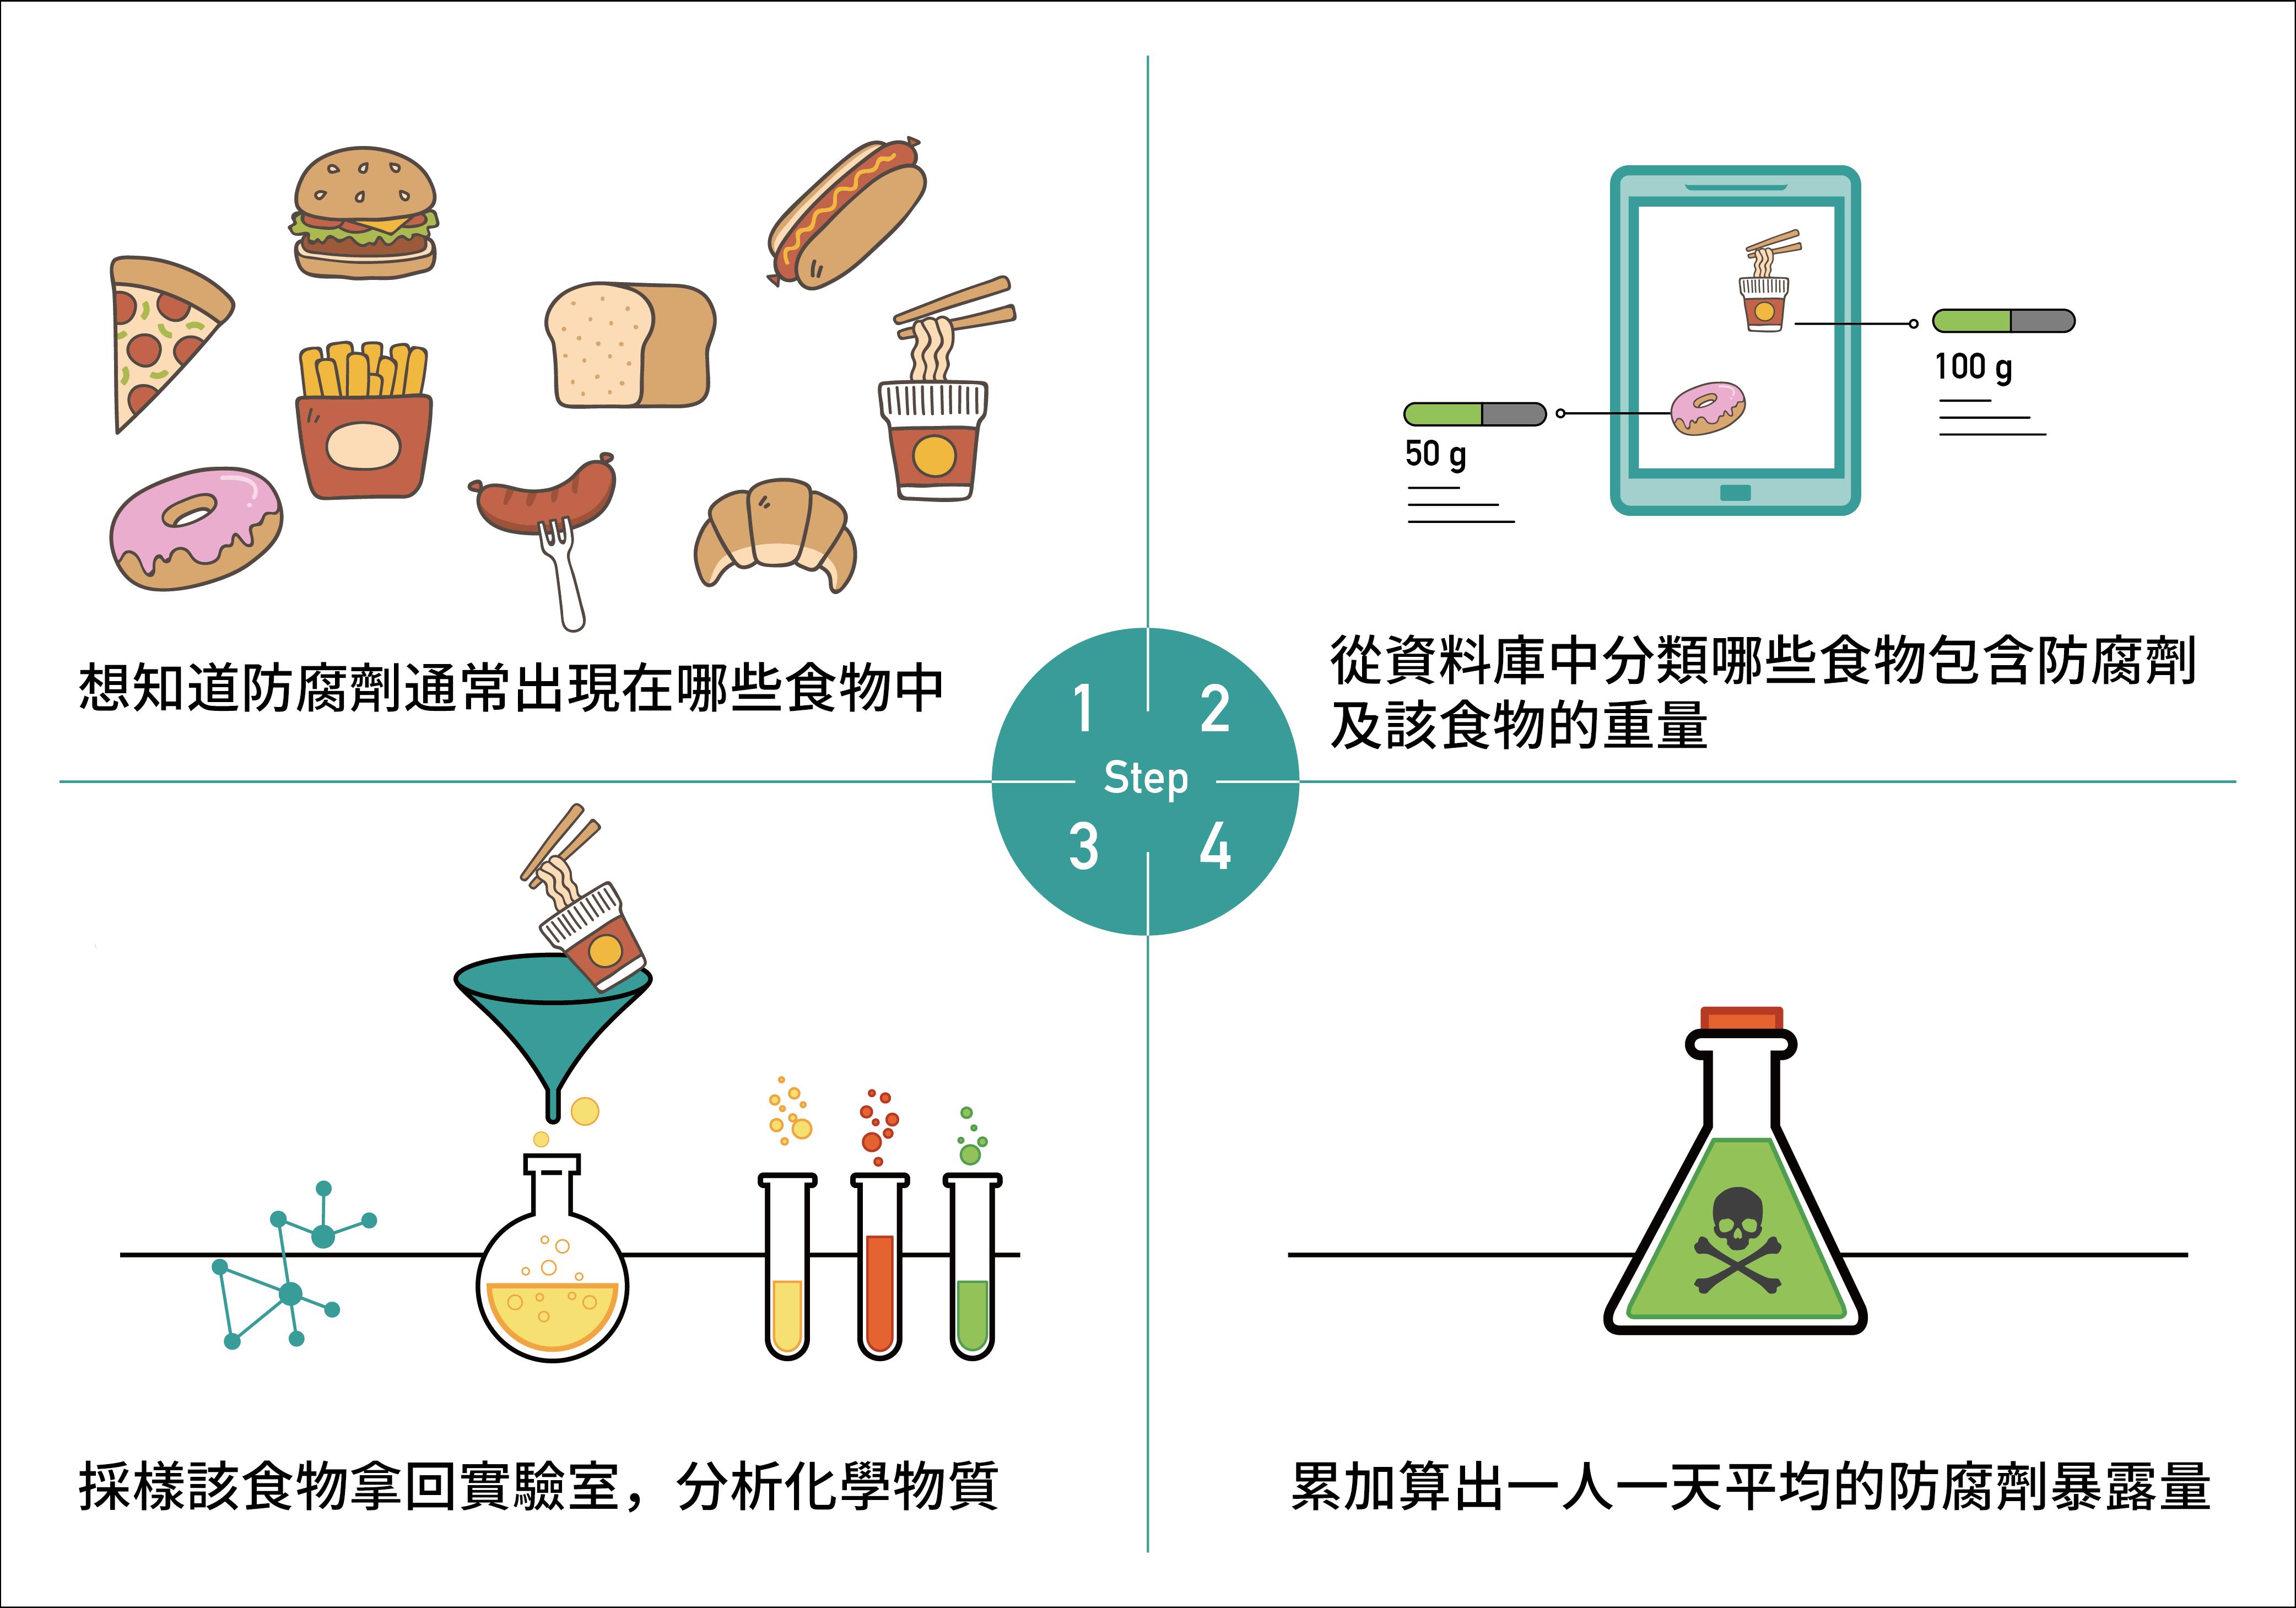 國家攝食資料庫如何幫助毒物學家調查食安:以防腐劑為例。圖│研之有物